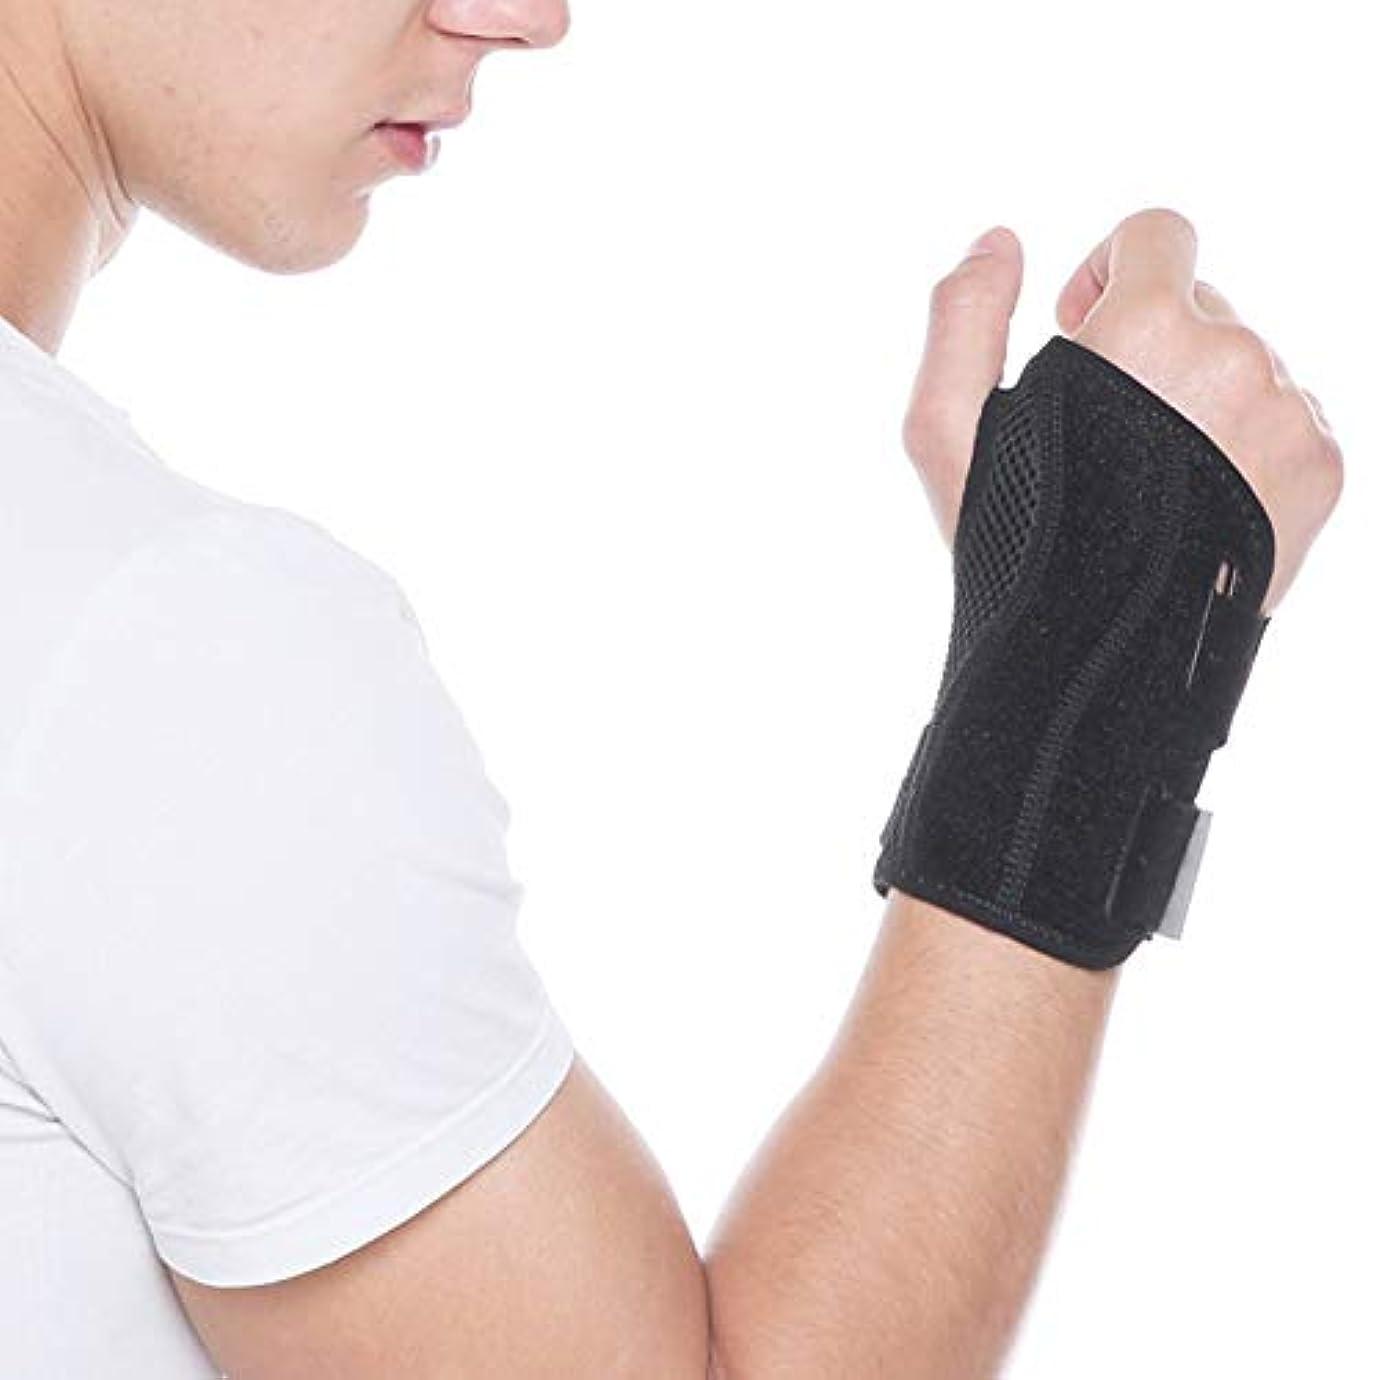 空瞳ヒープ手首のサポートの痛み手根管症候群は、右左手のための安定化のサポートを和らげます